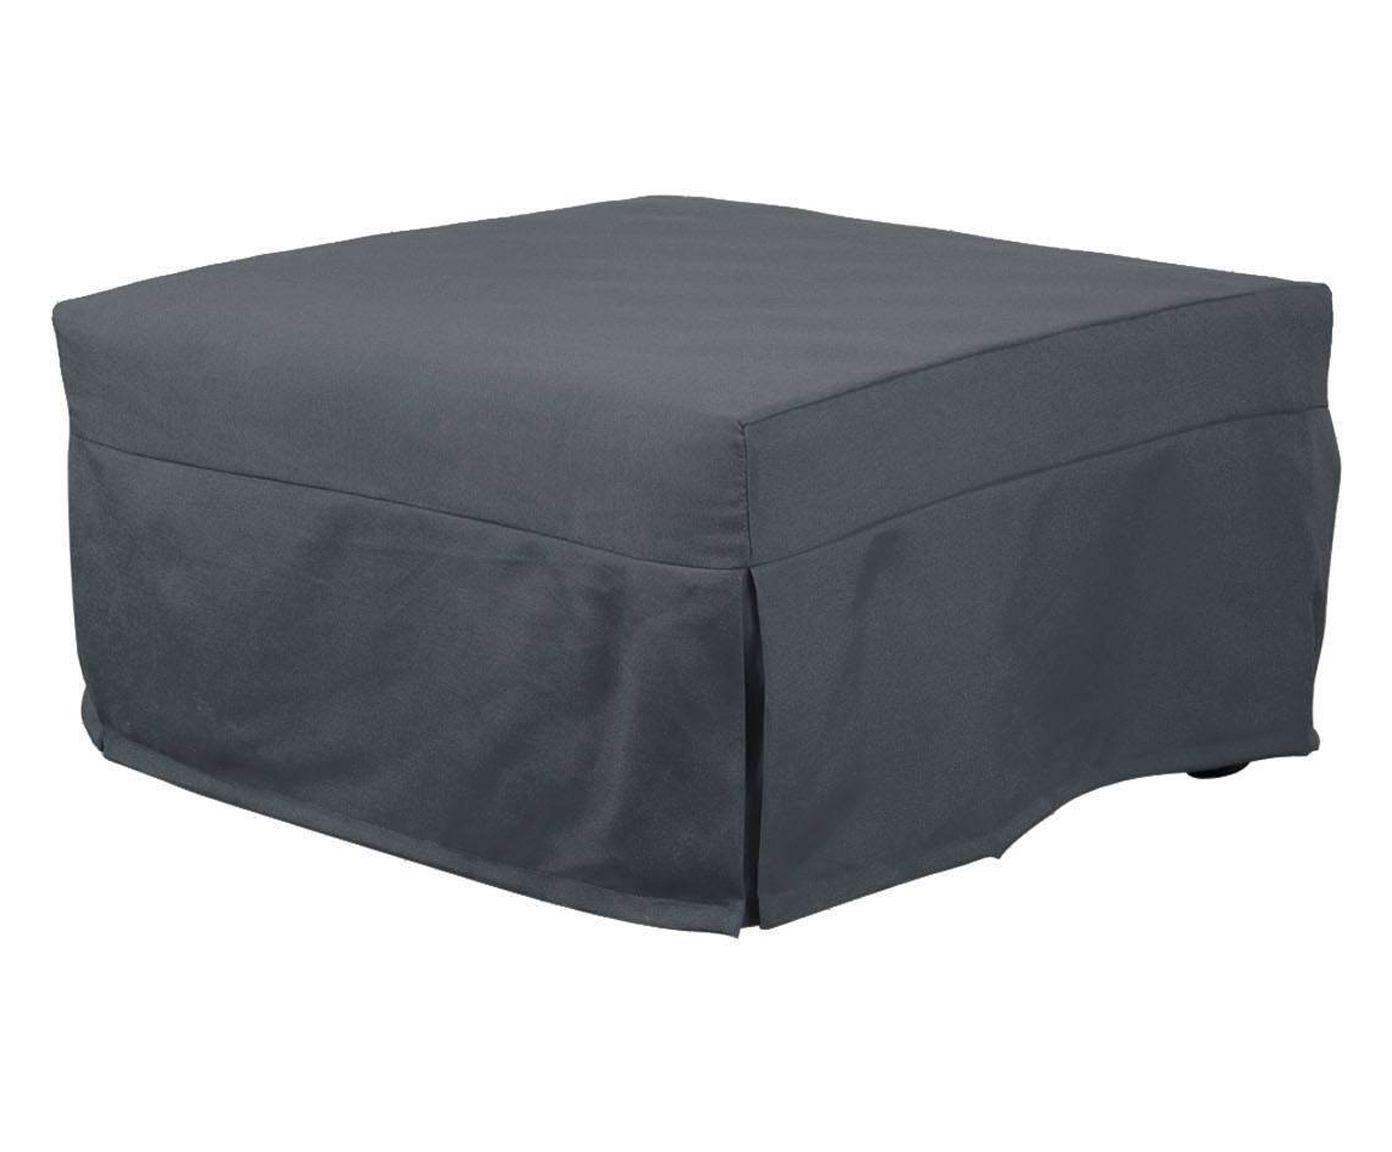 Pouf letto evolution grigio 80x45x80 cm dalani home for Pouf dalani